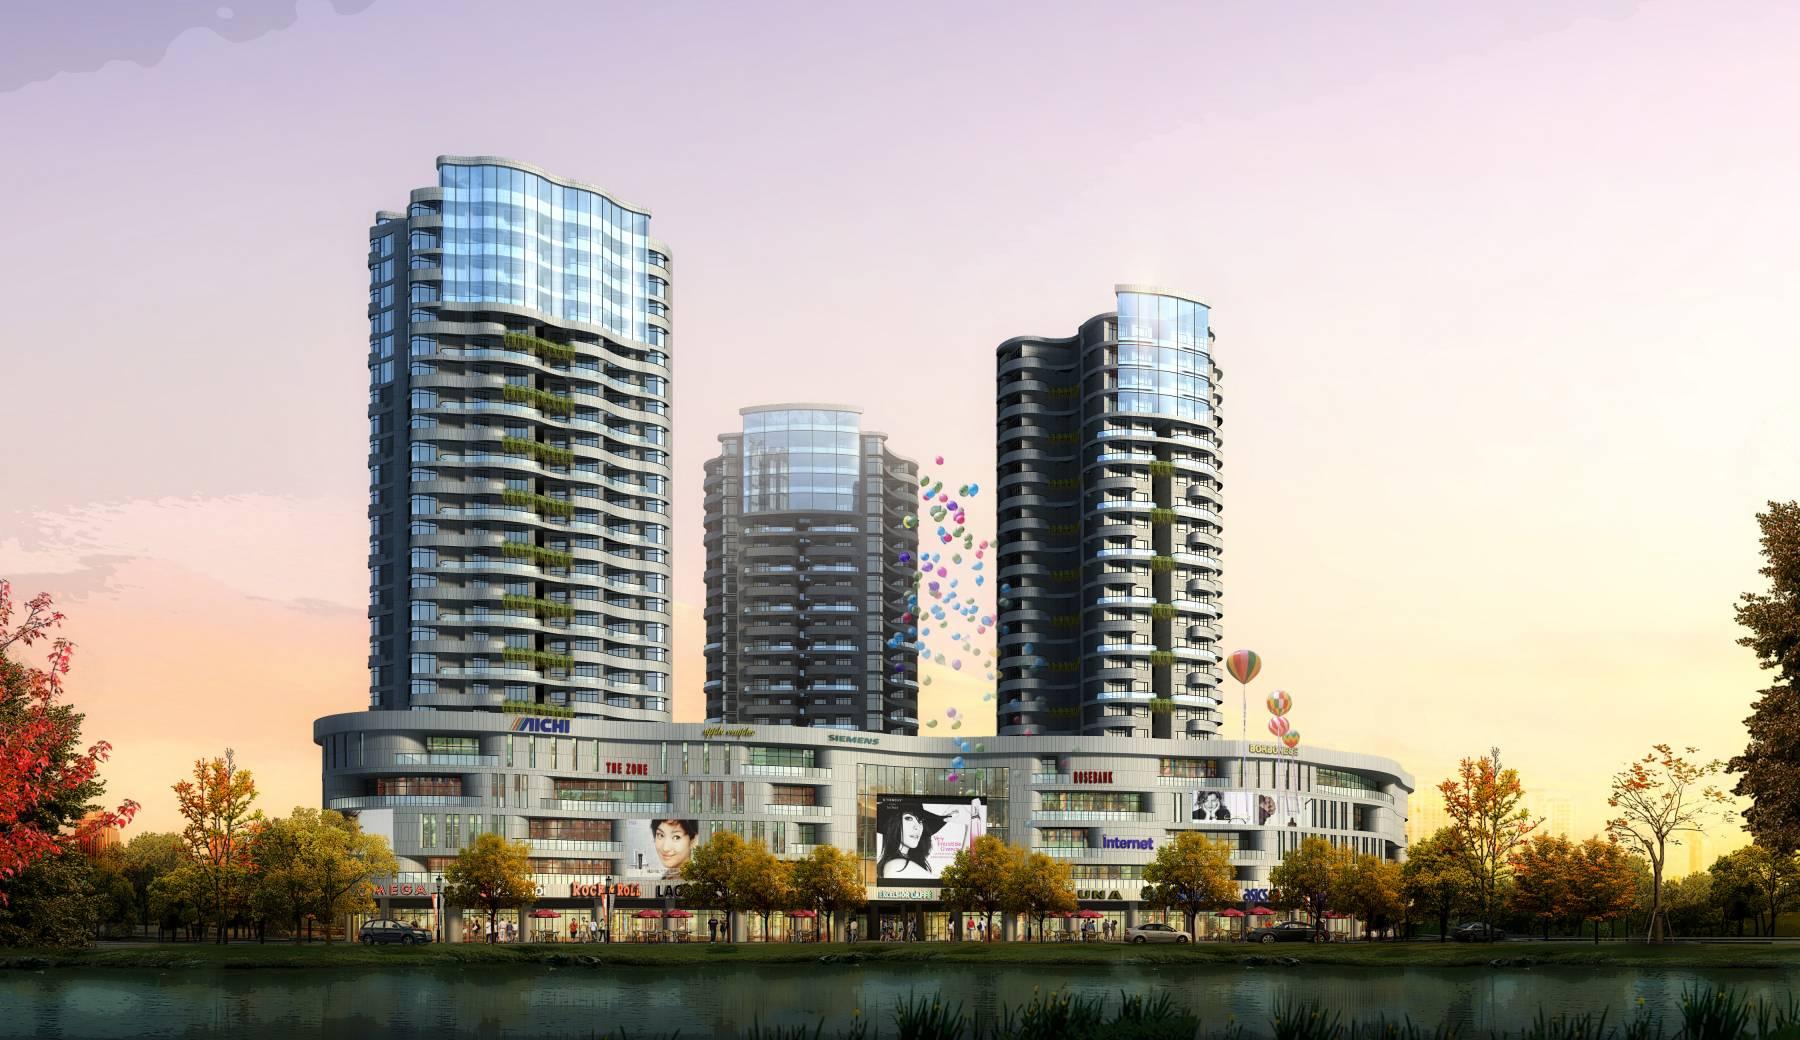 现代高层商业及住宅楼